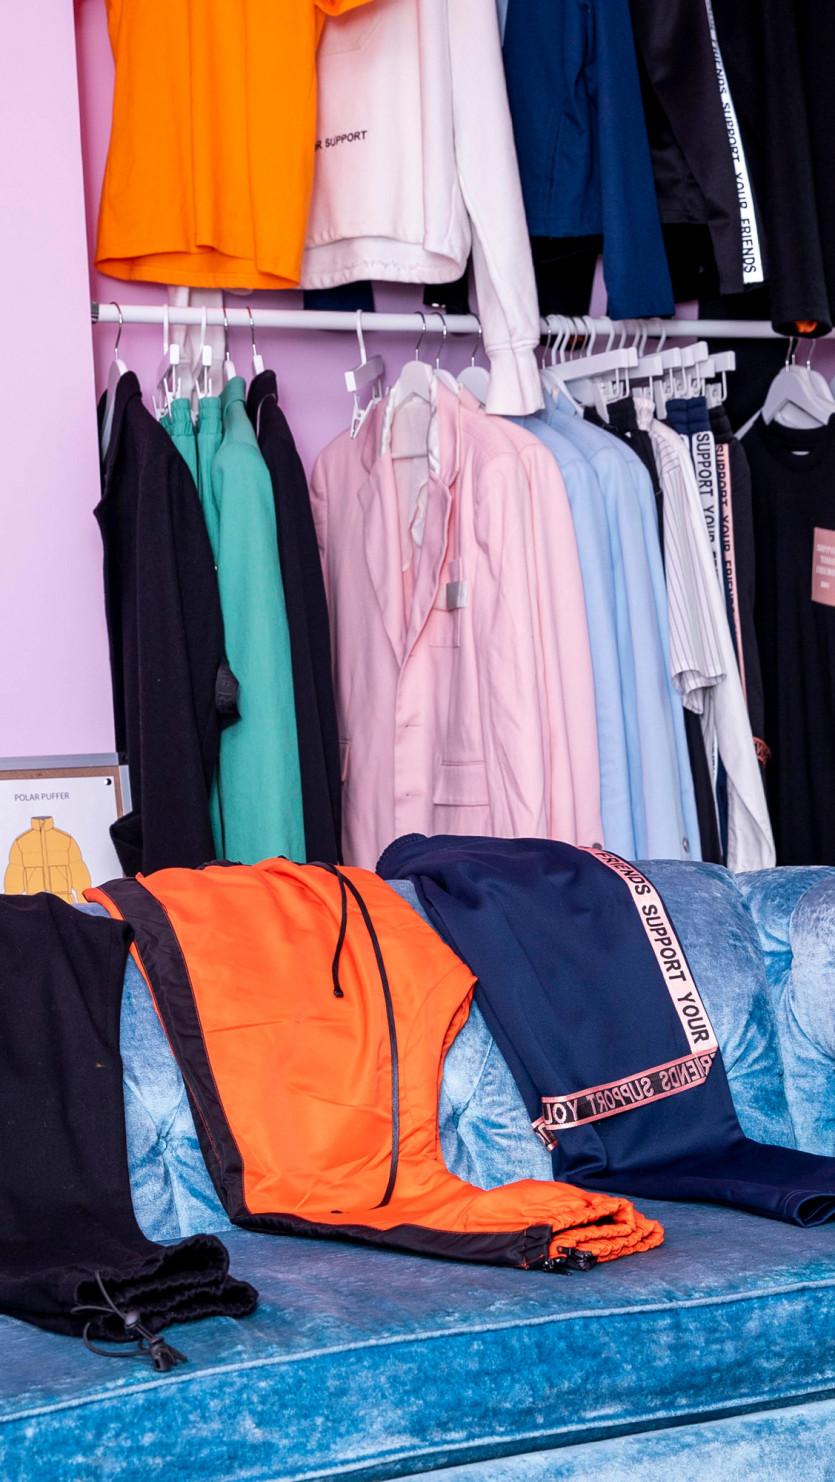 inside samuel krost closet